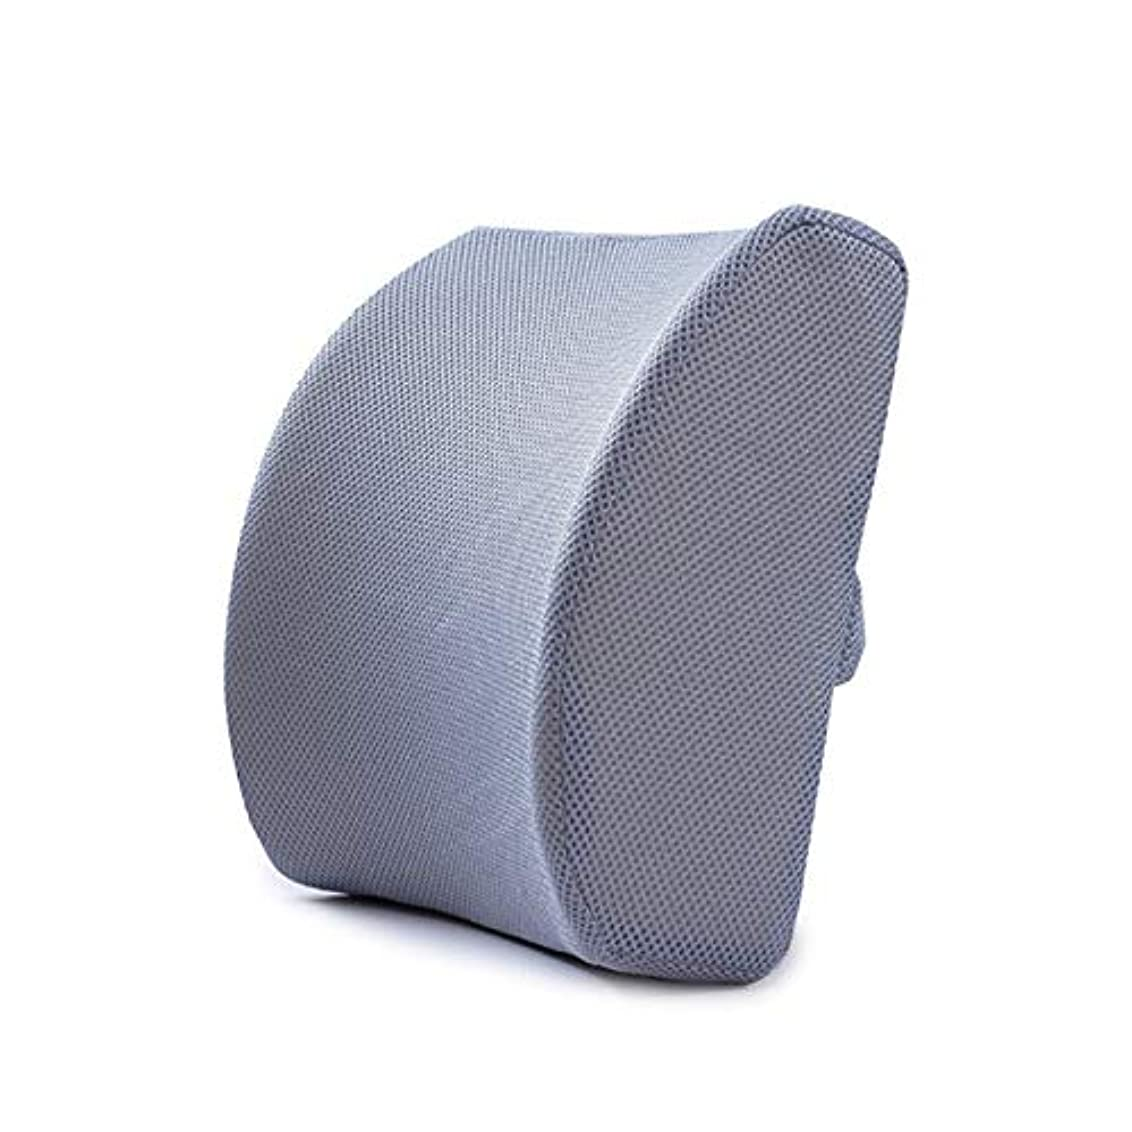 ソフトウェア弾薬それLIFE ホームオフィス背もたれ椅子腰椎クッションカーシートネック枕 3D 低反発サポートバックマッサージウエストレスリビング枕 クッション 椅子